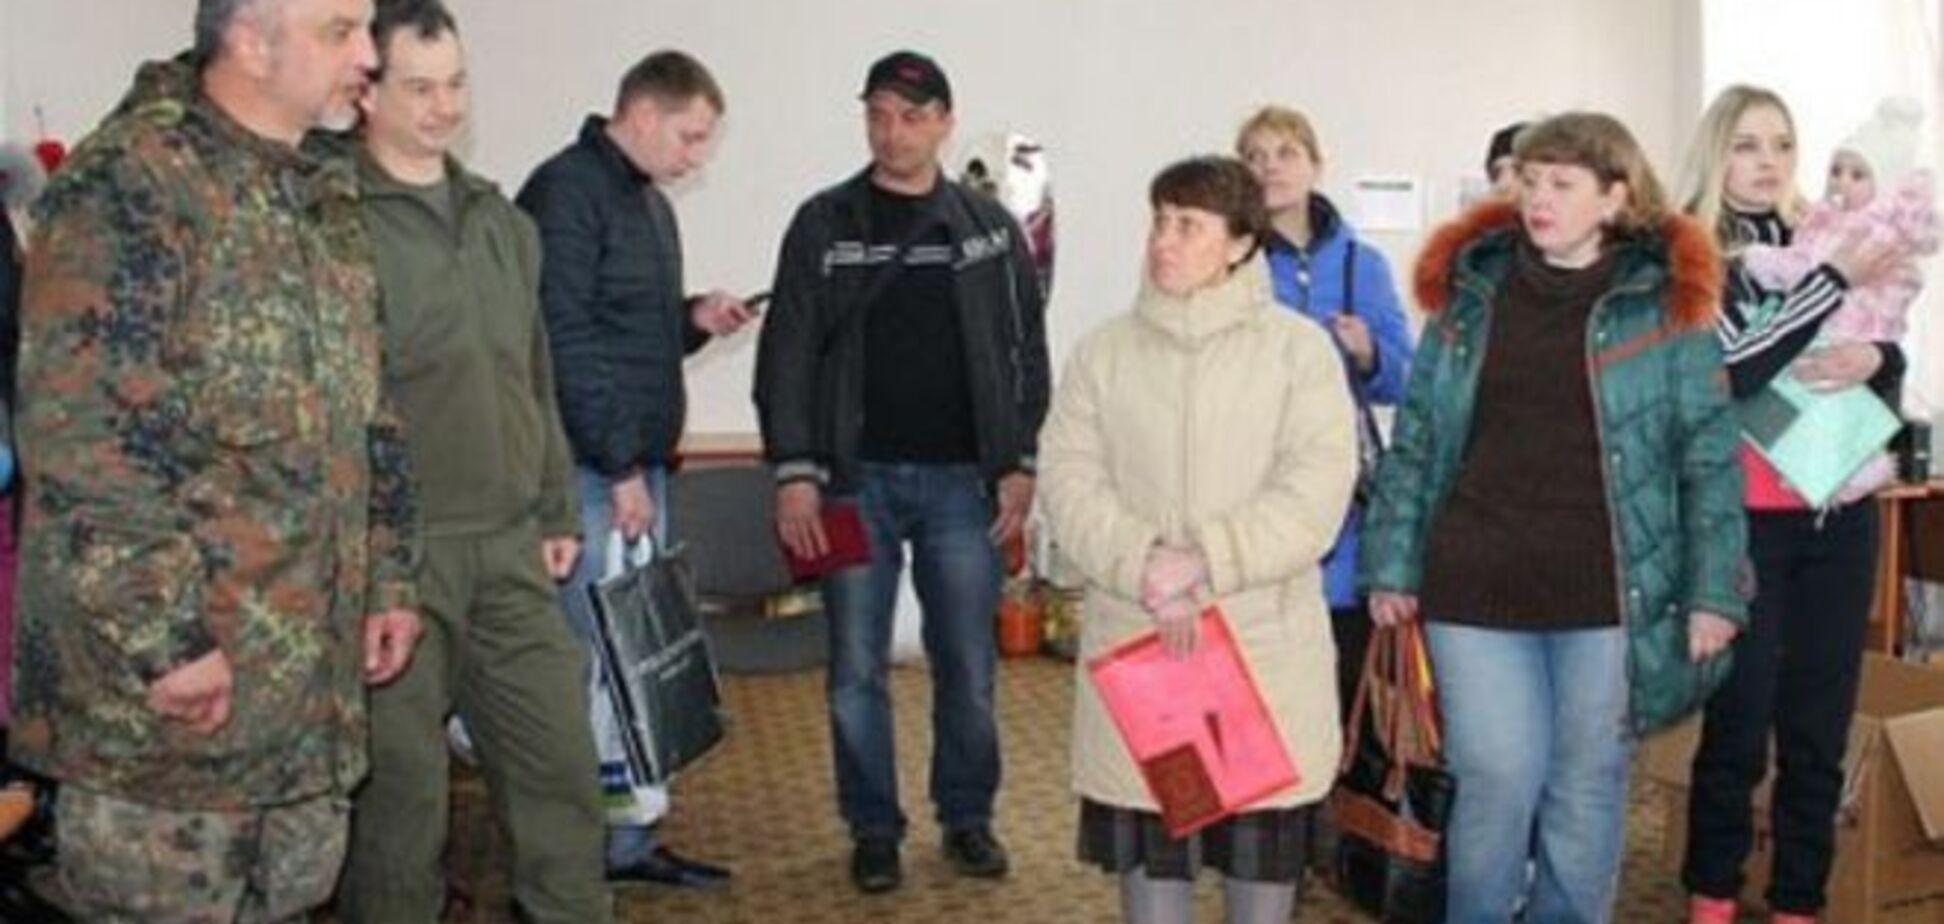 По-братски! Бойцы АТО в Артемовске отдали свою еду местным жителям